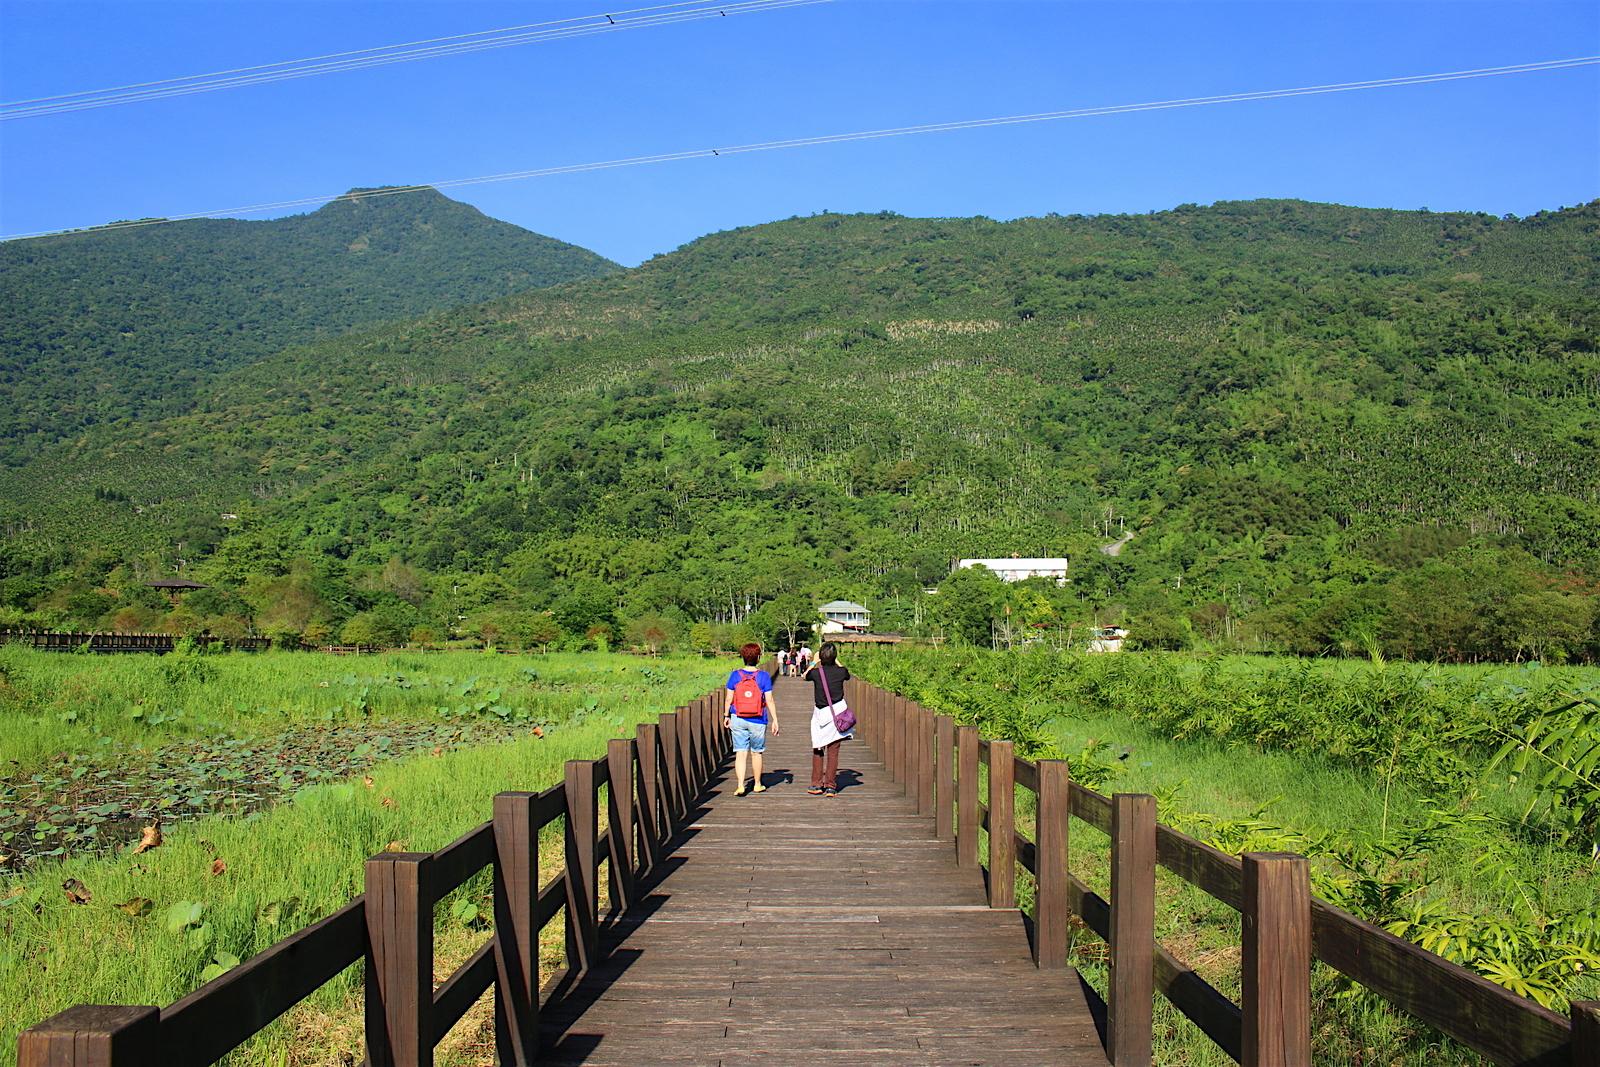 Khuôn viên của công viên sinh thái Mataian vô cùng rộng lớn